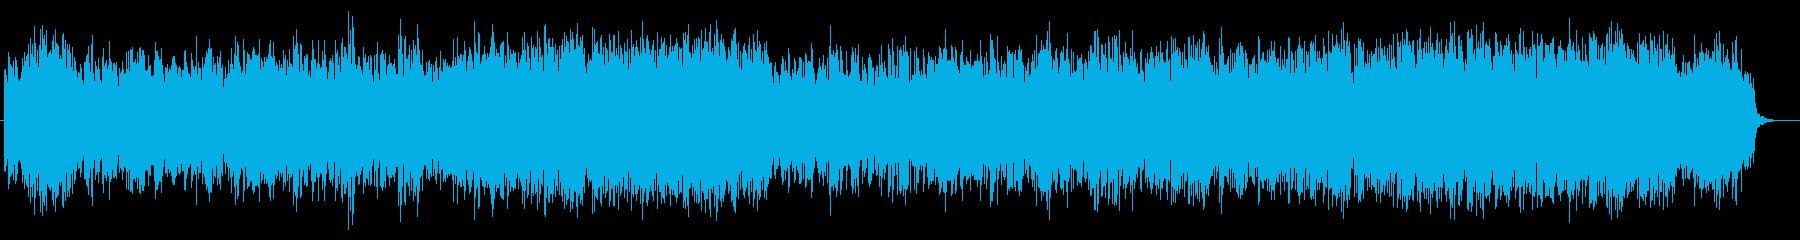 クリスマス的なチャーチ風BGMの再生済みの波形